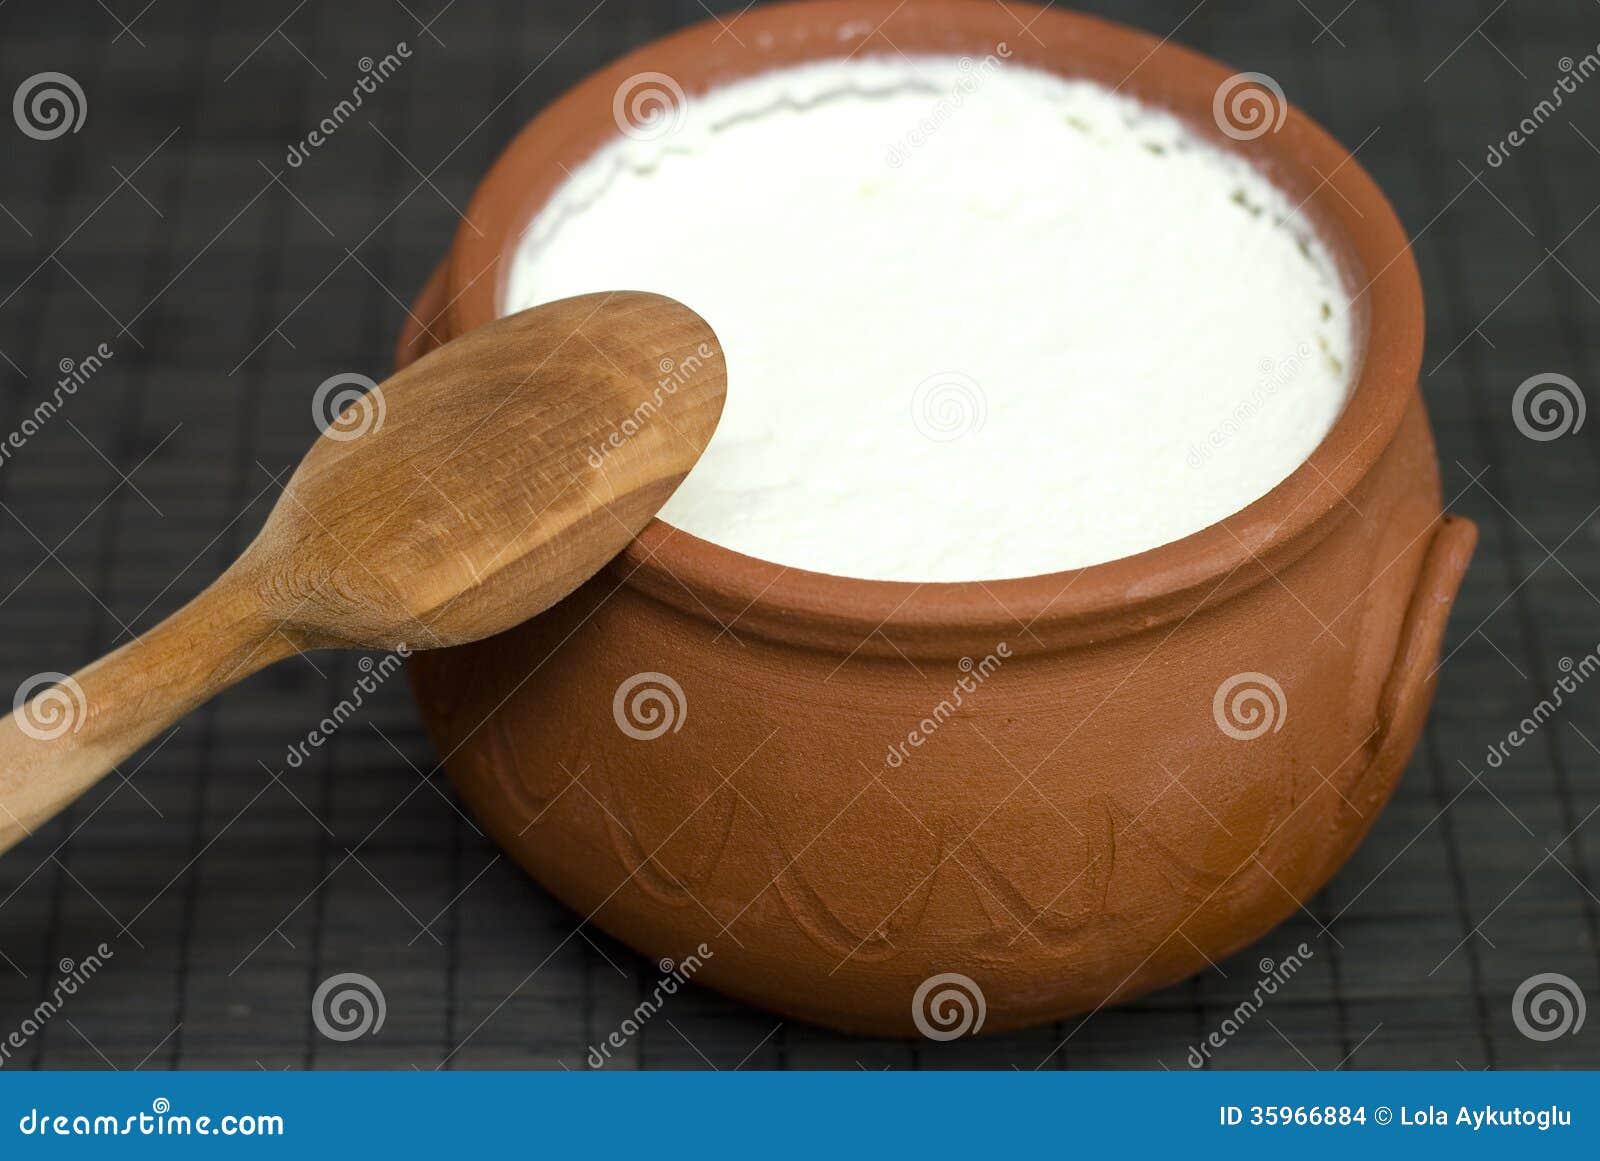 Yogur hecho en casa